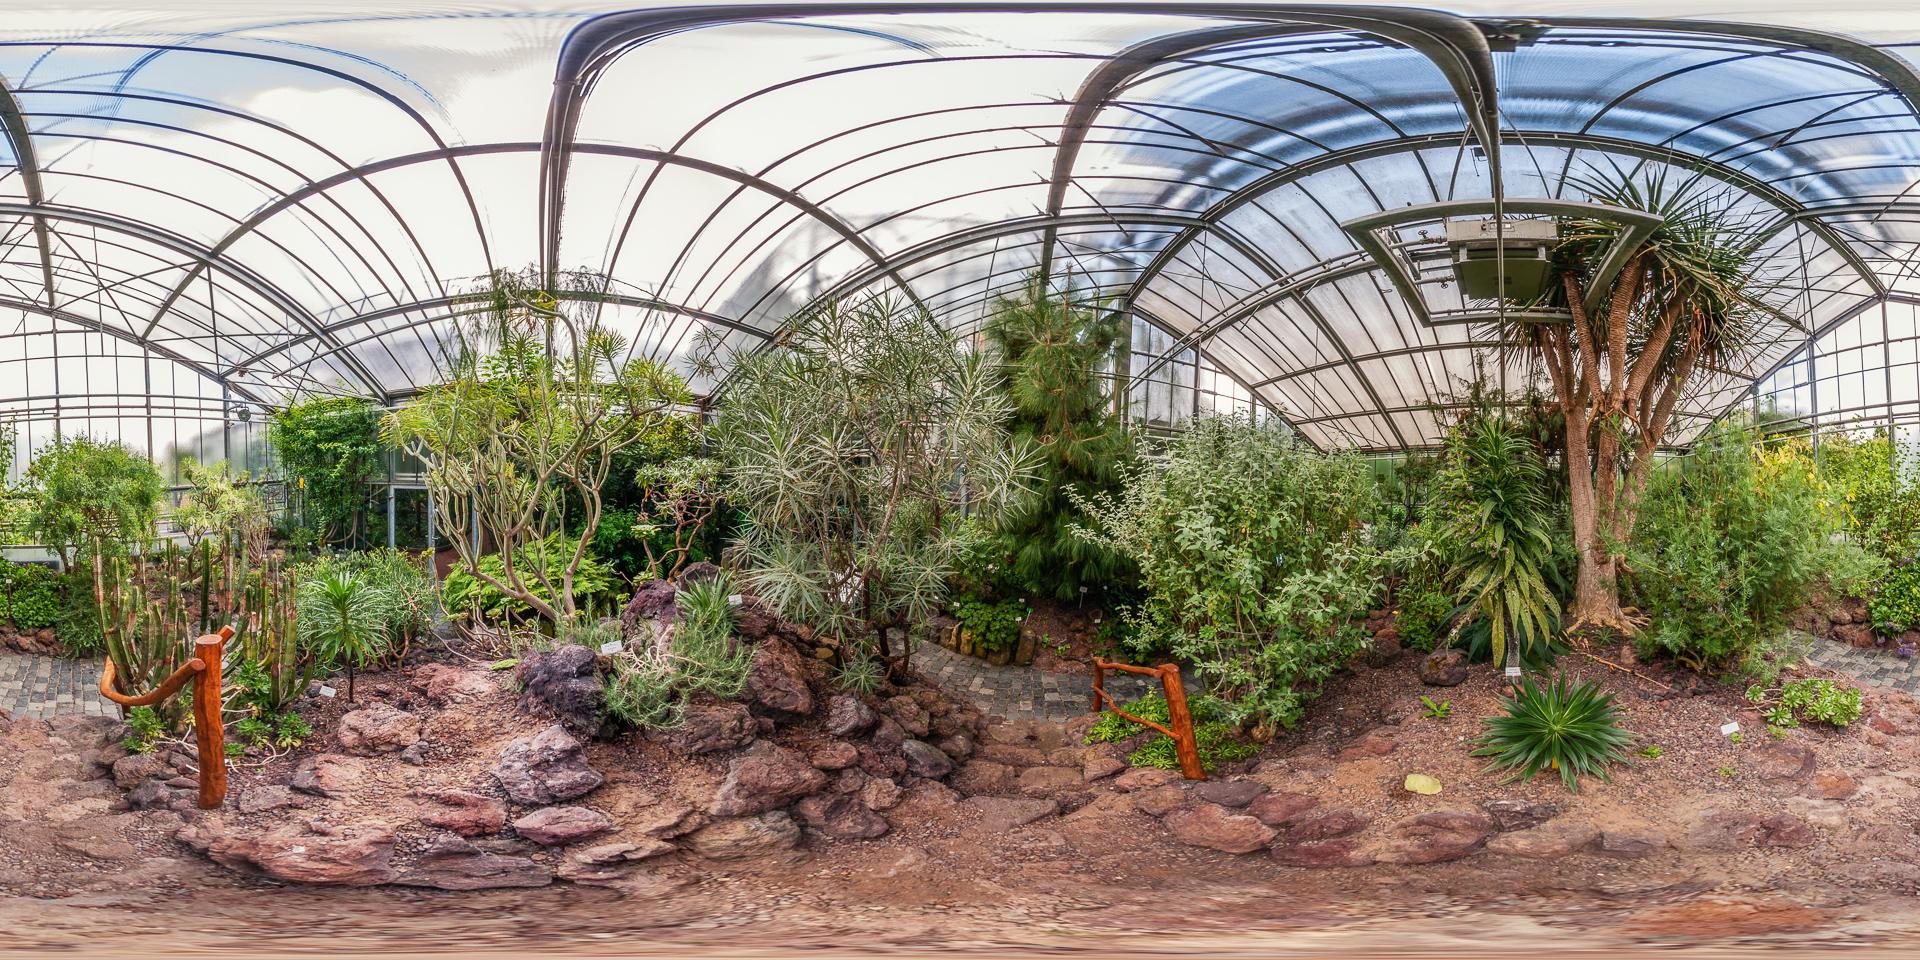 Botanischer-Garten-Marburg-Kanarenhaus